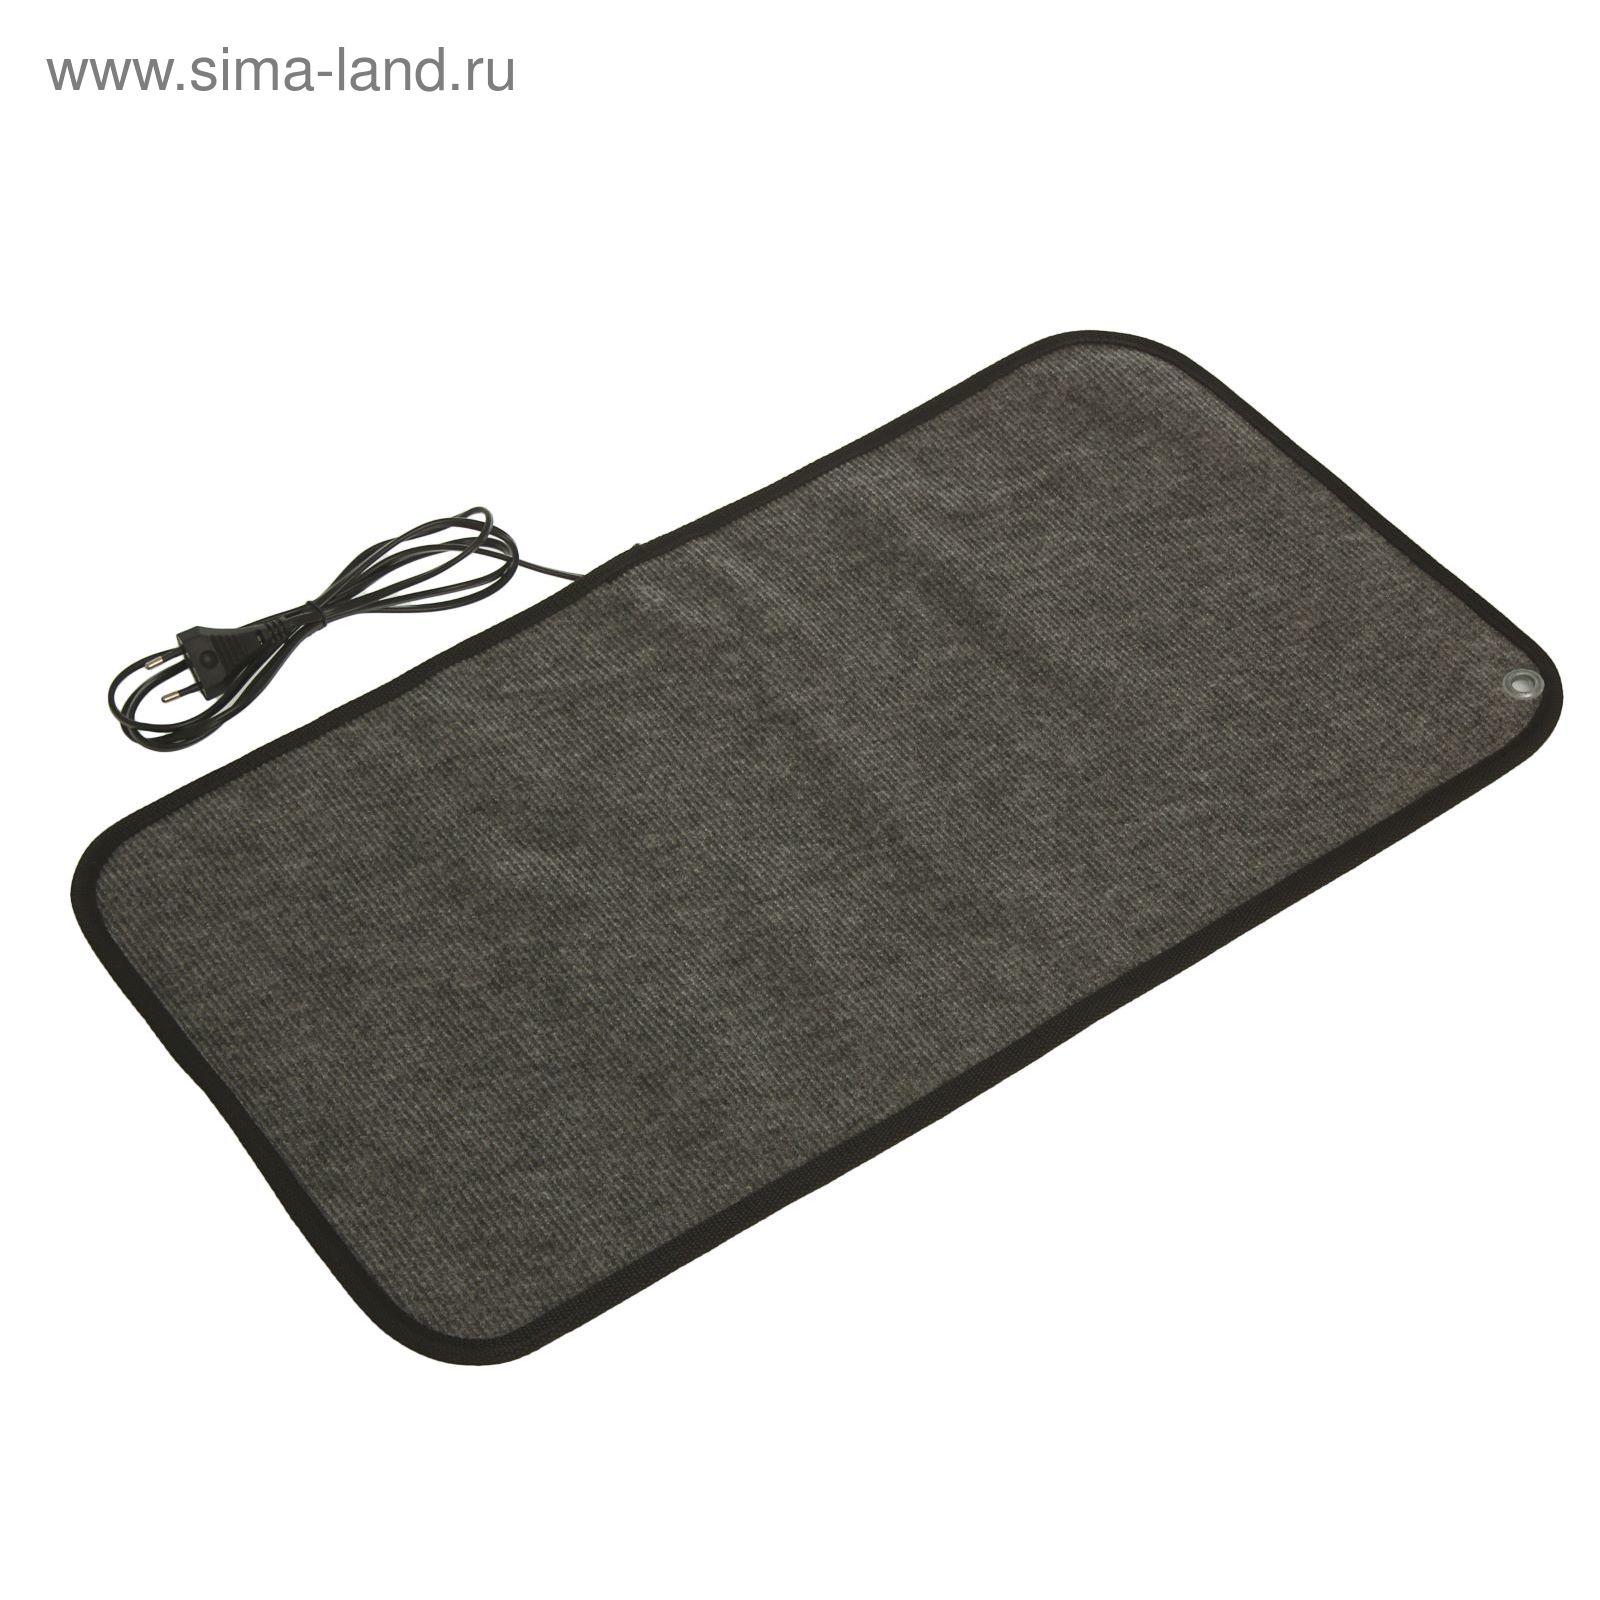 bc5d629fa18e Теплый коврик для сушки обуви ТК-1, 40 Вт, 660х360 мм, серый ...